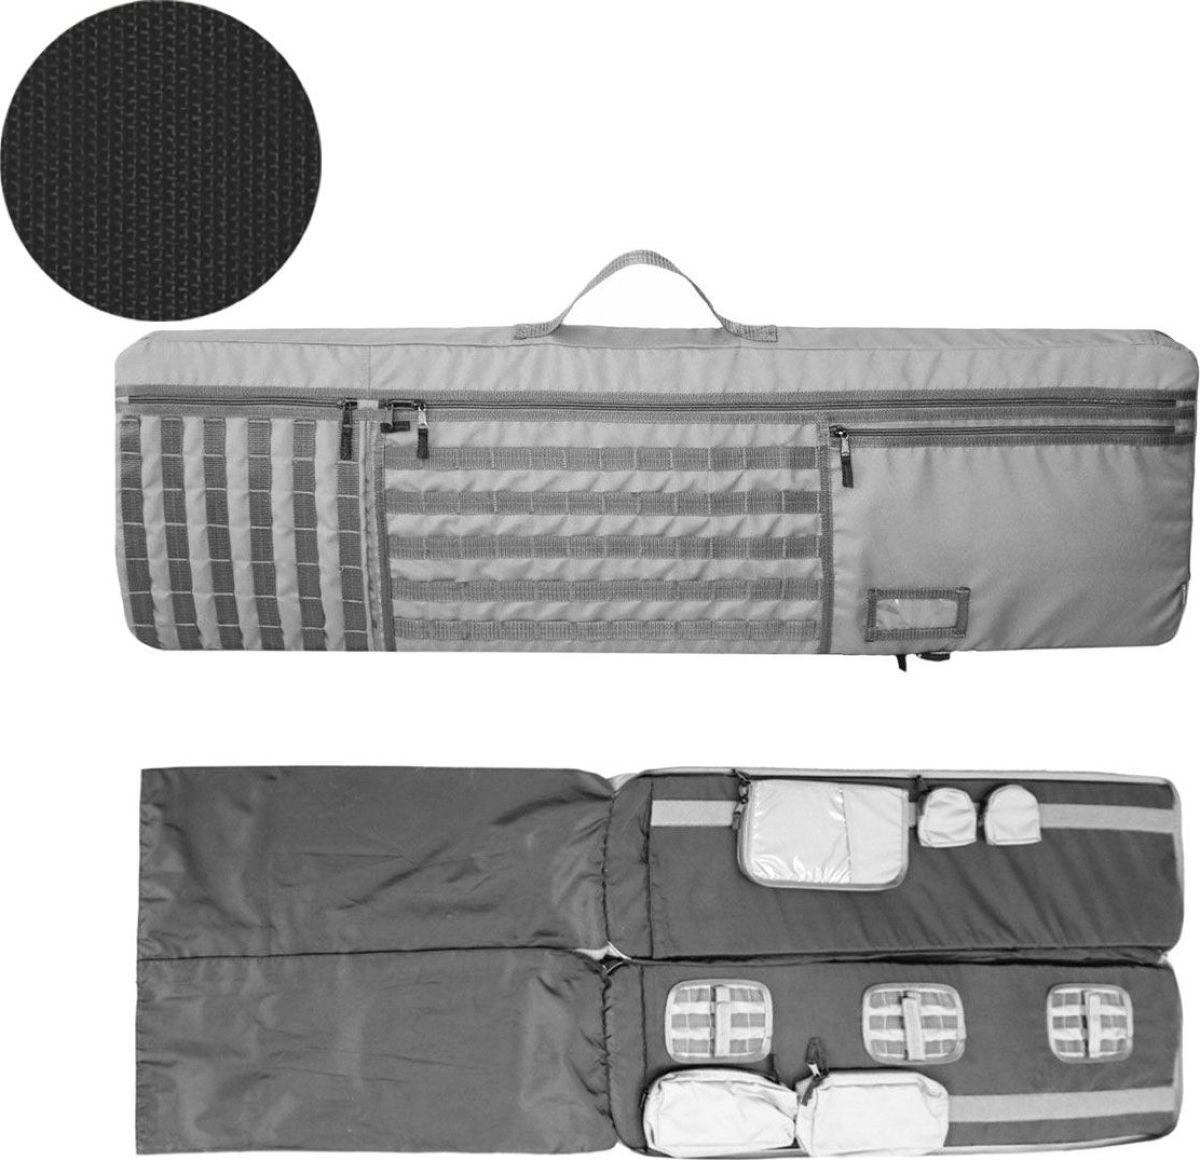 Чехол для оружия Tplus, 1200 х 350 х 50 мм, цвет: черный